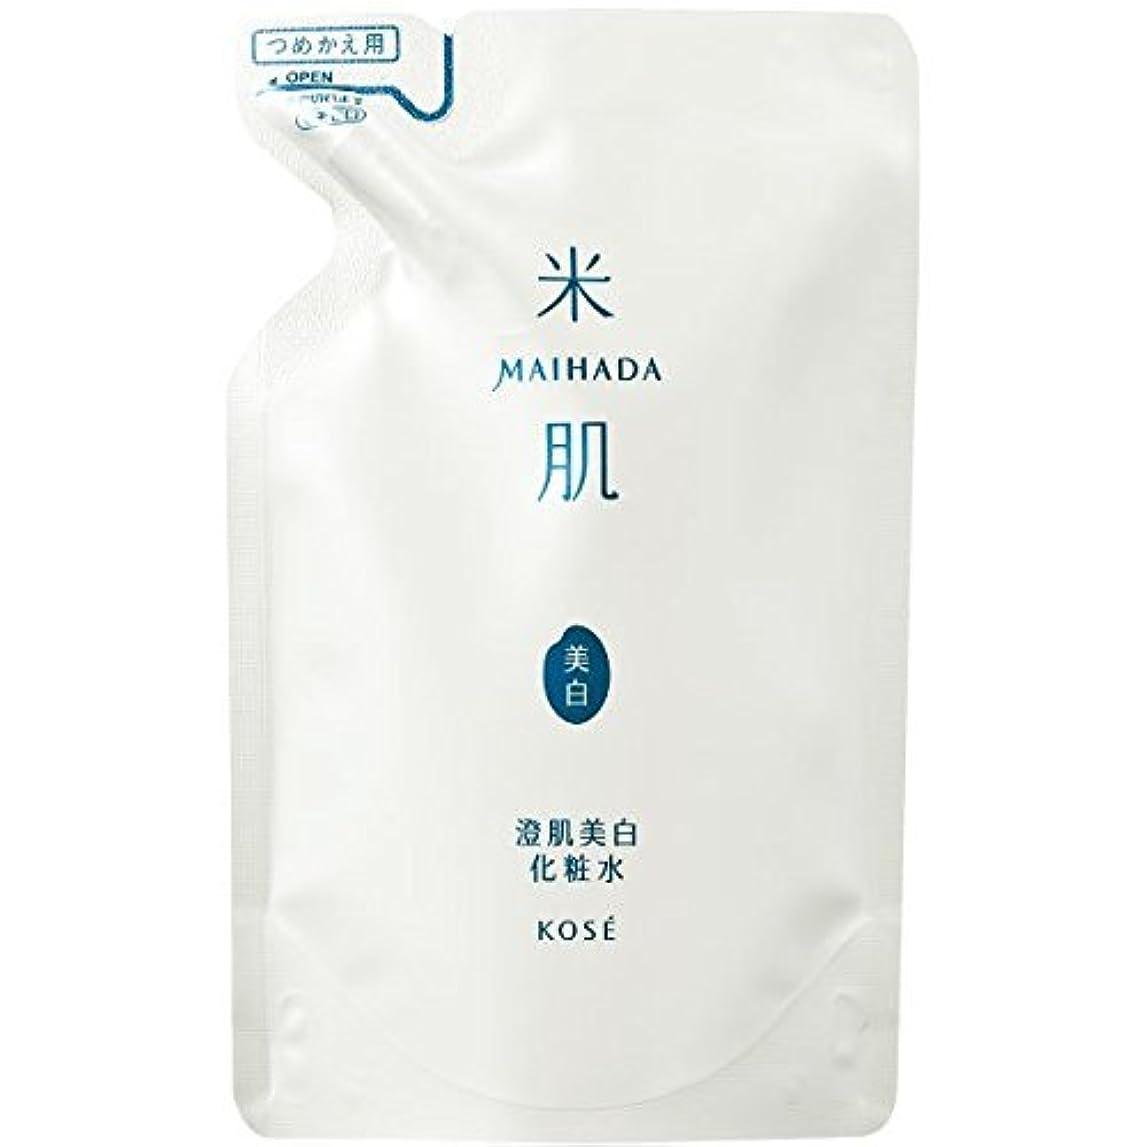 アプローチ形状湿地米肌 澄肌美白化粧水 つめかえ用